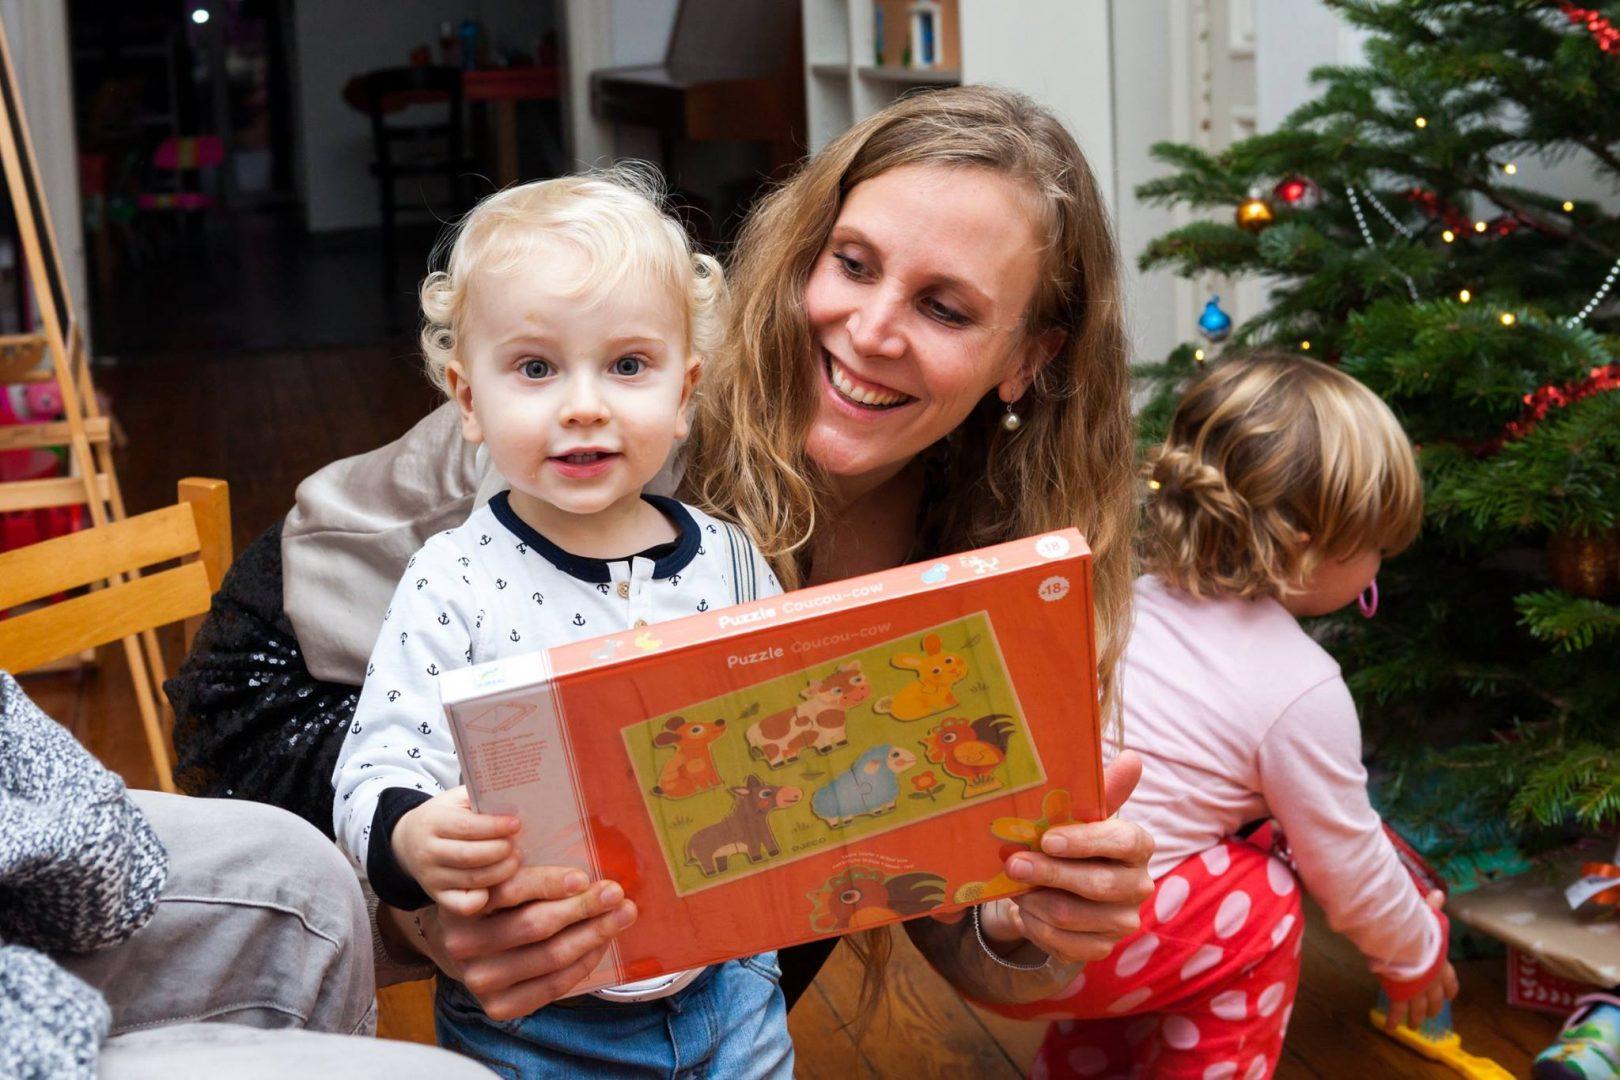 12510859 905997756182335 945058166 o - Diary 29 nieuwjaarswensen & cadeautjes